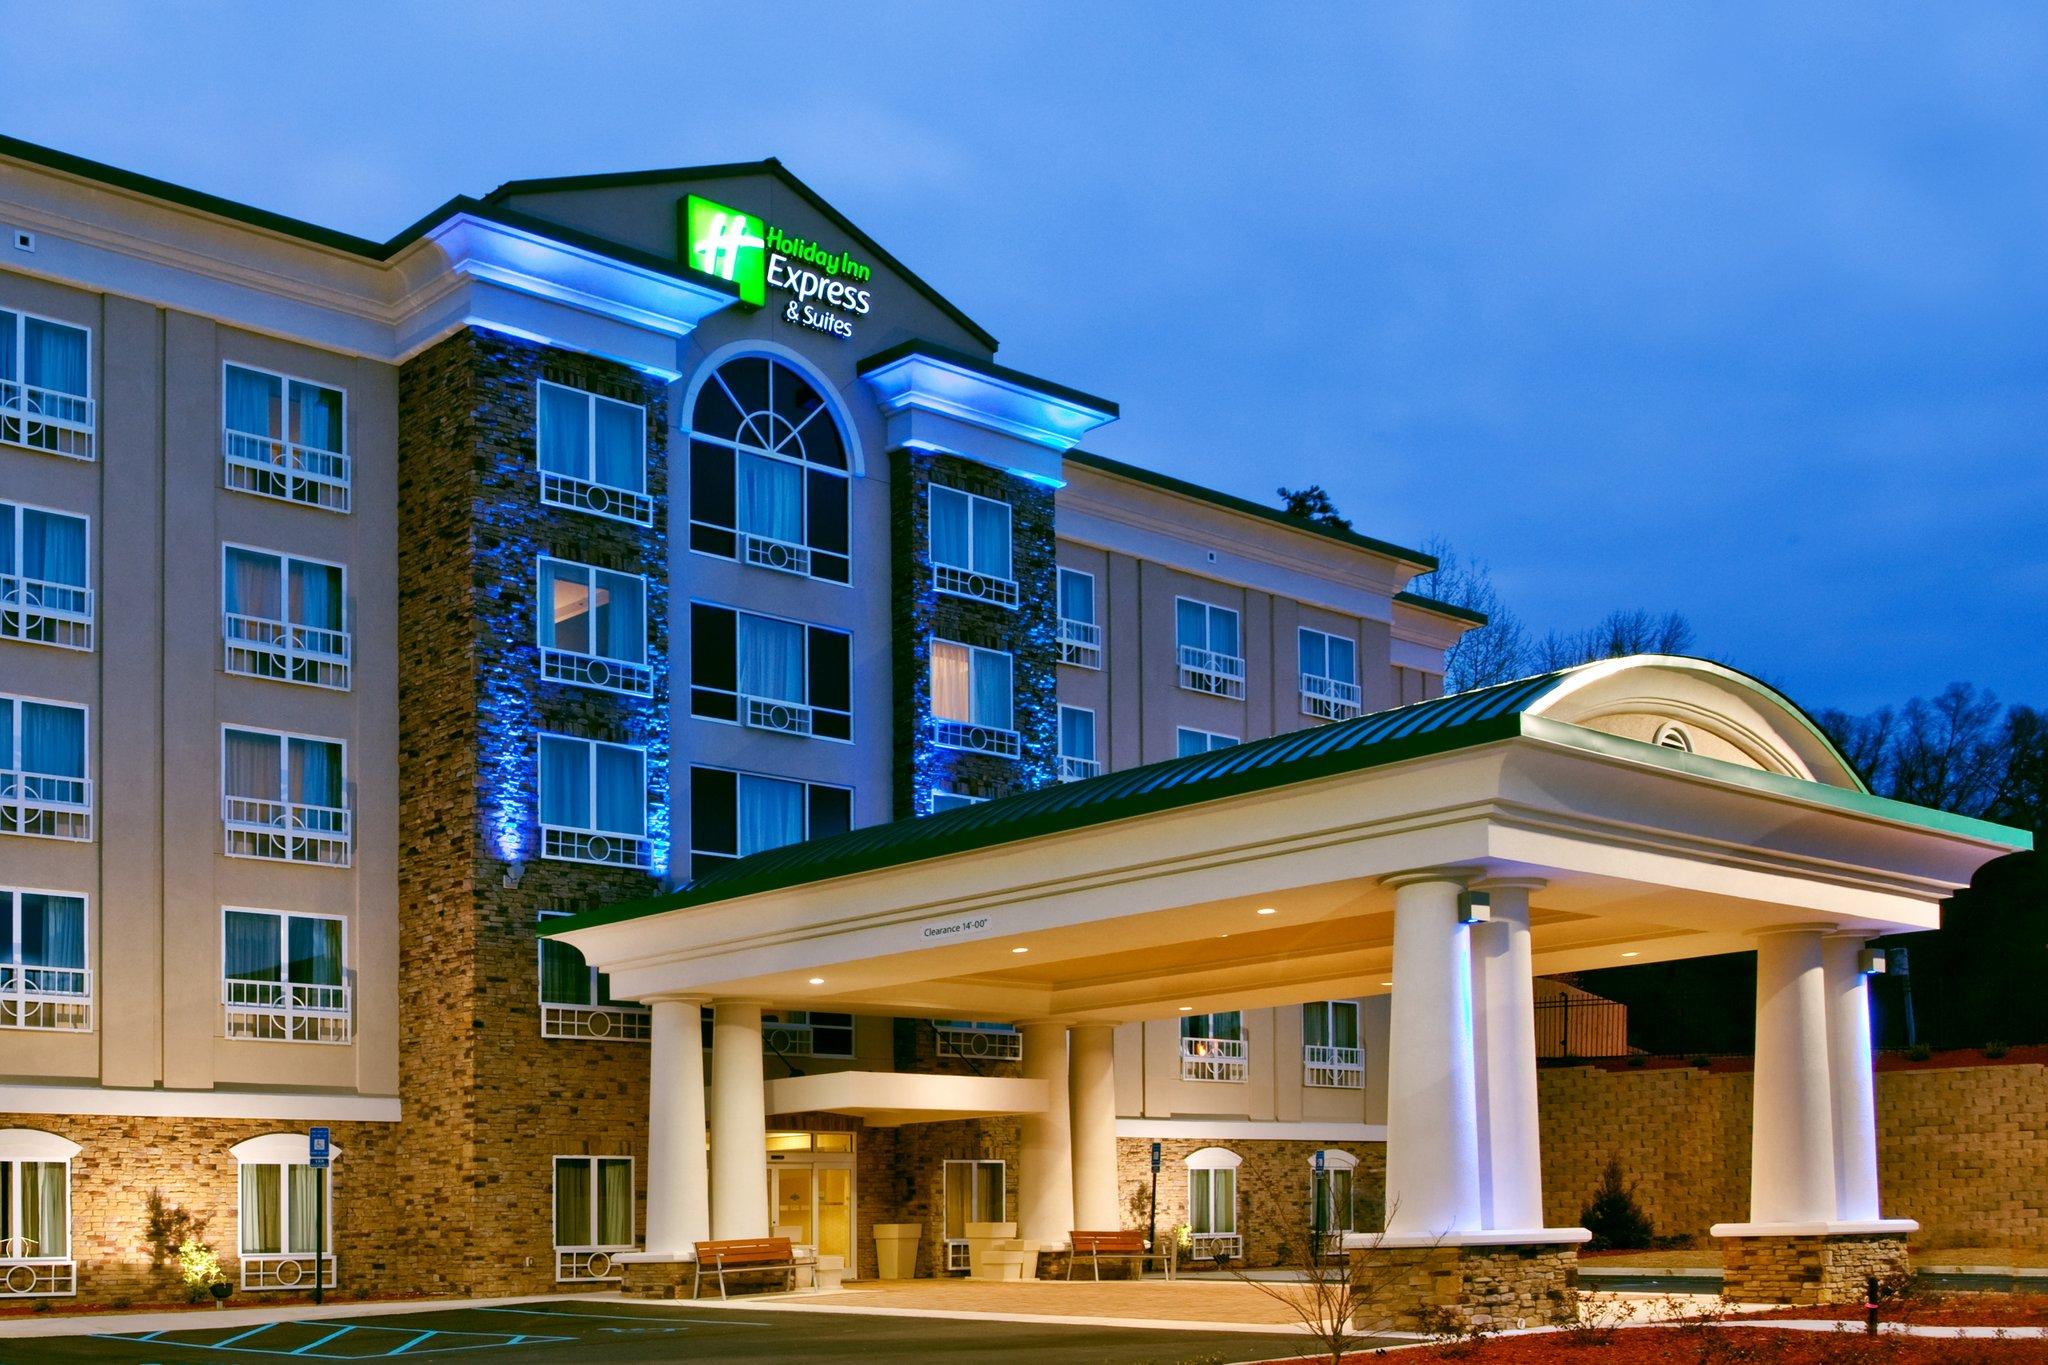 Holiday Inn Express & Stes Columbus